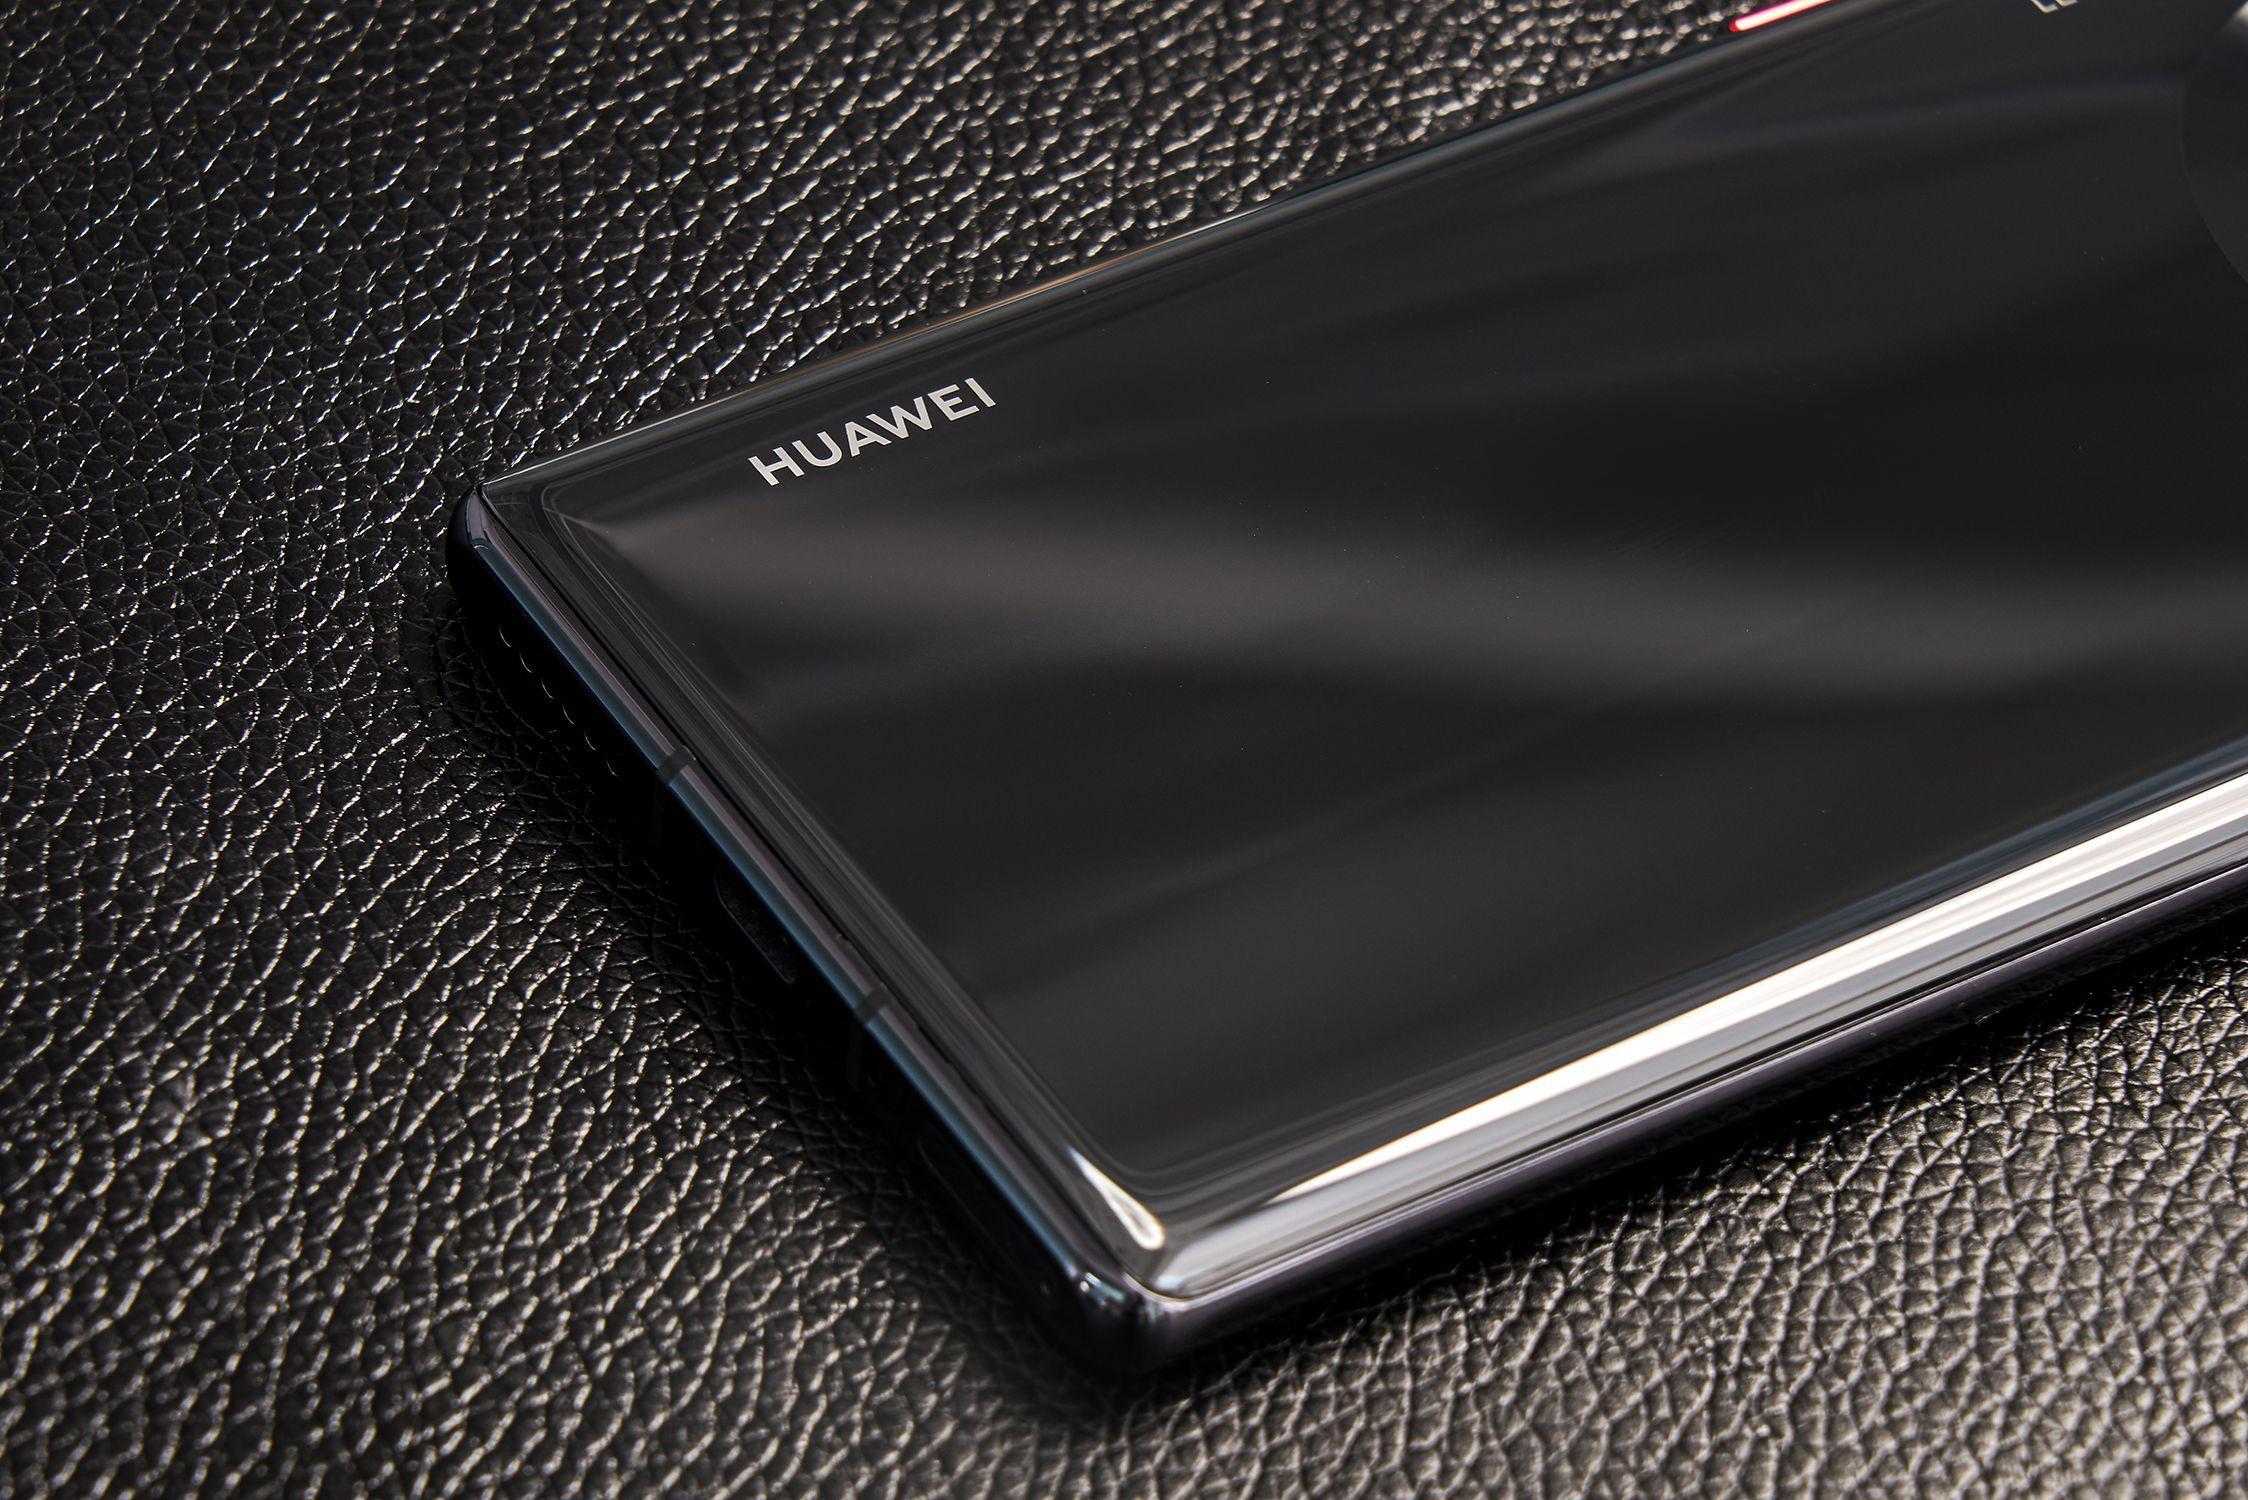 华为Mate30 Pro上手评测:超曲面环幕屏,影像能力提升明显的照片 - 11